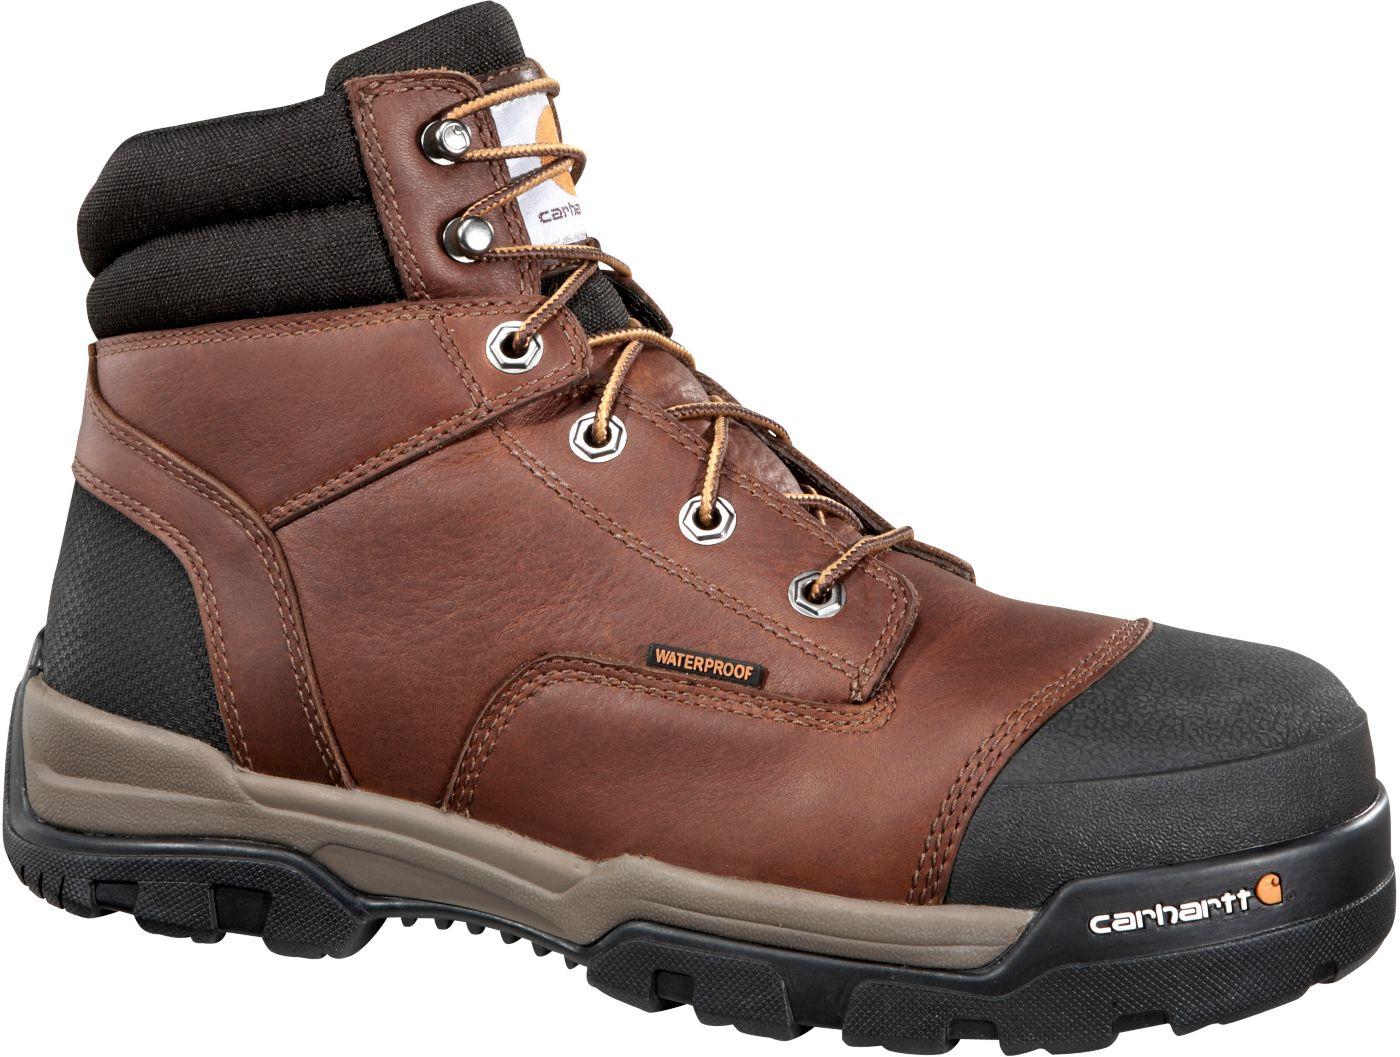 Carhartt Men's Ground Force 6'' Waterproof Composite Toe Work Boots